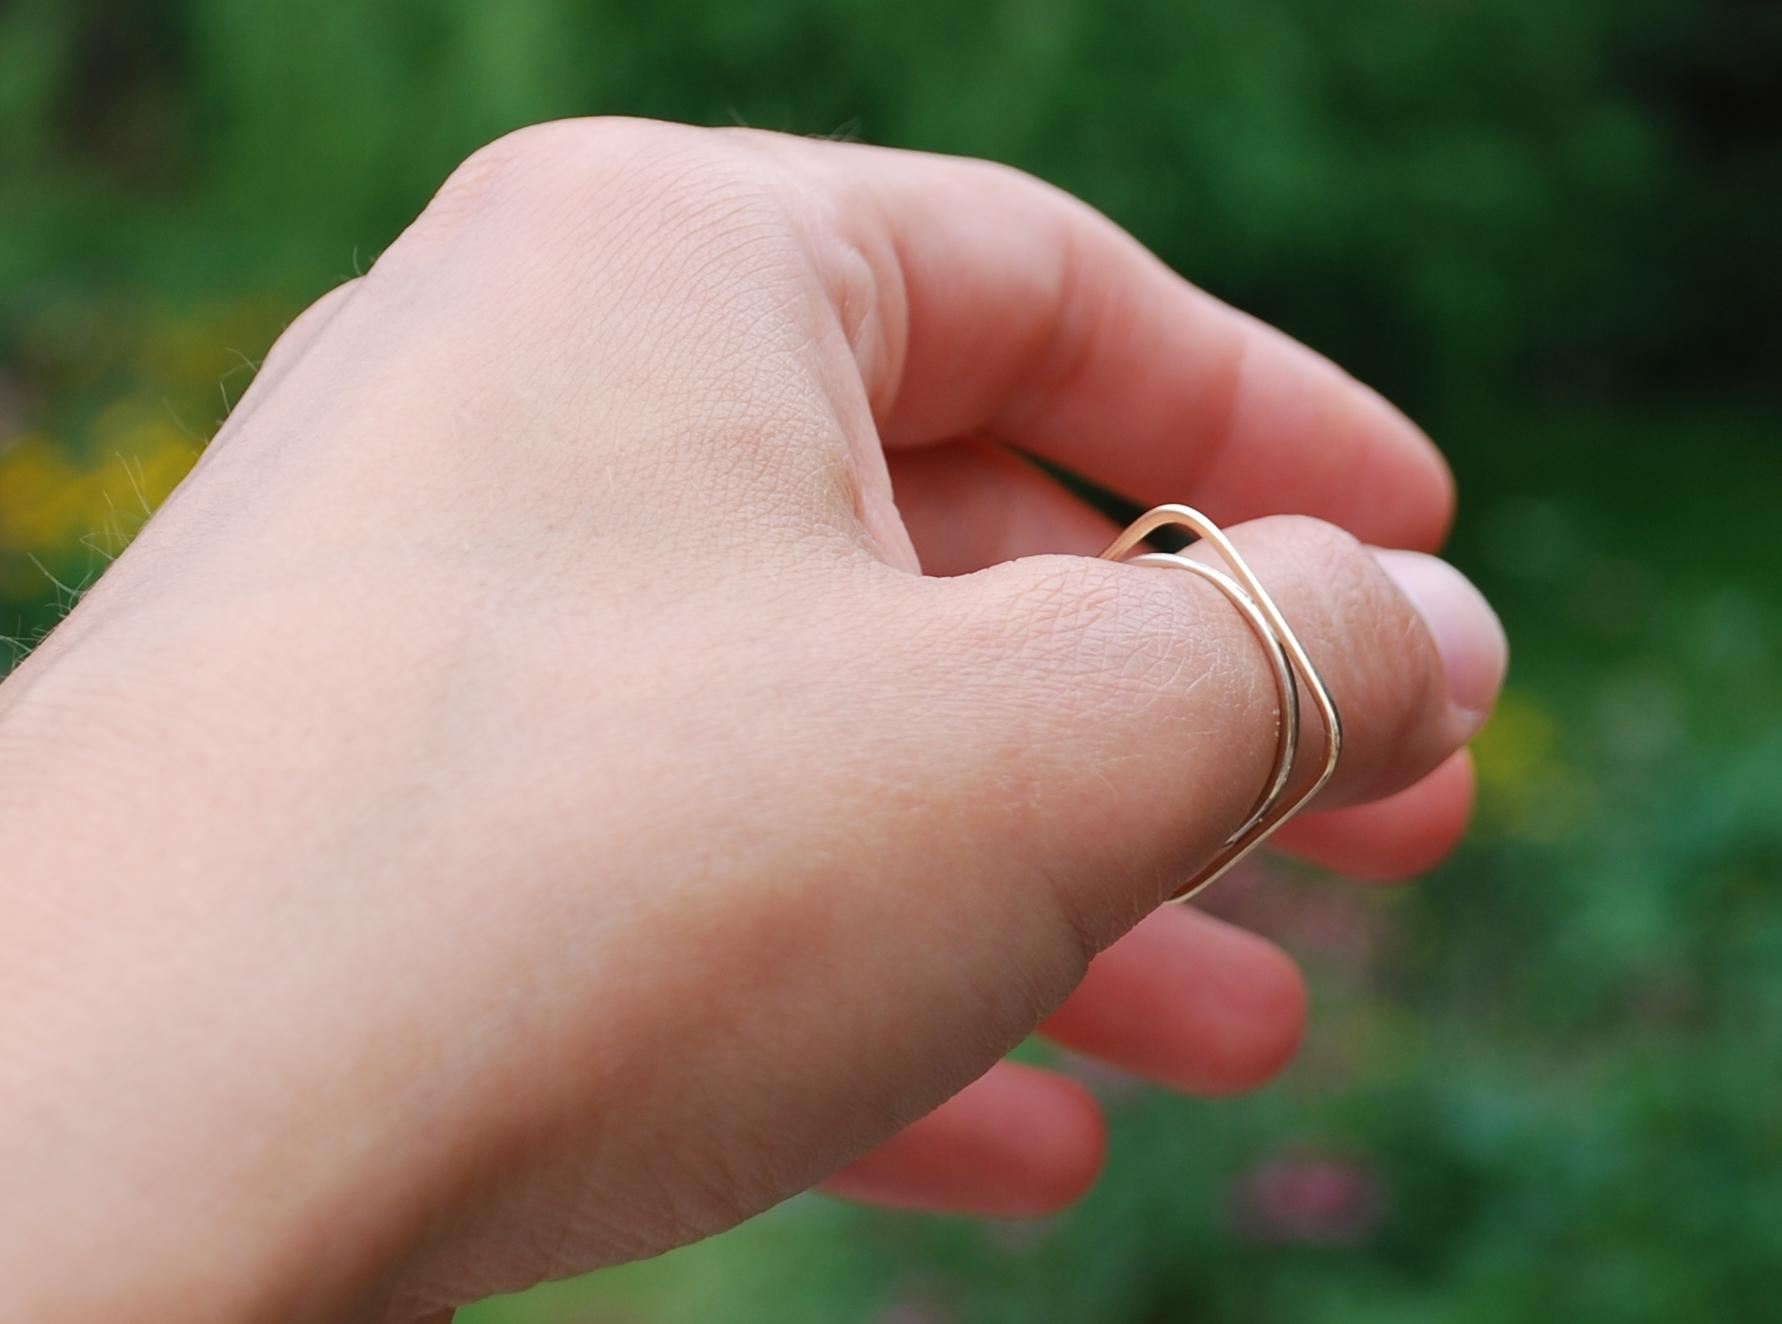 adi thumb ring